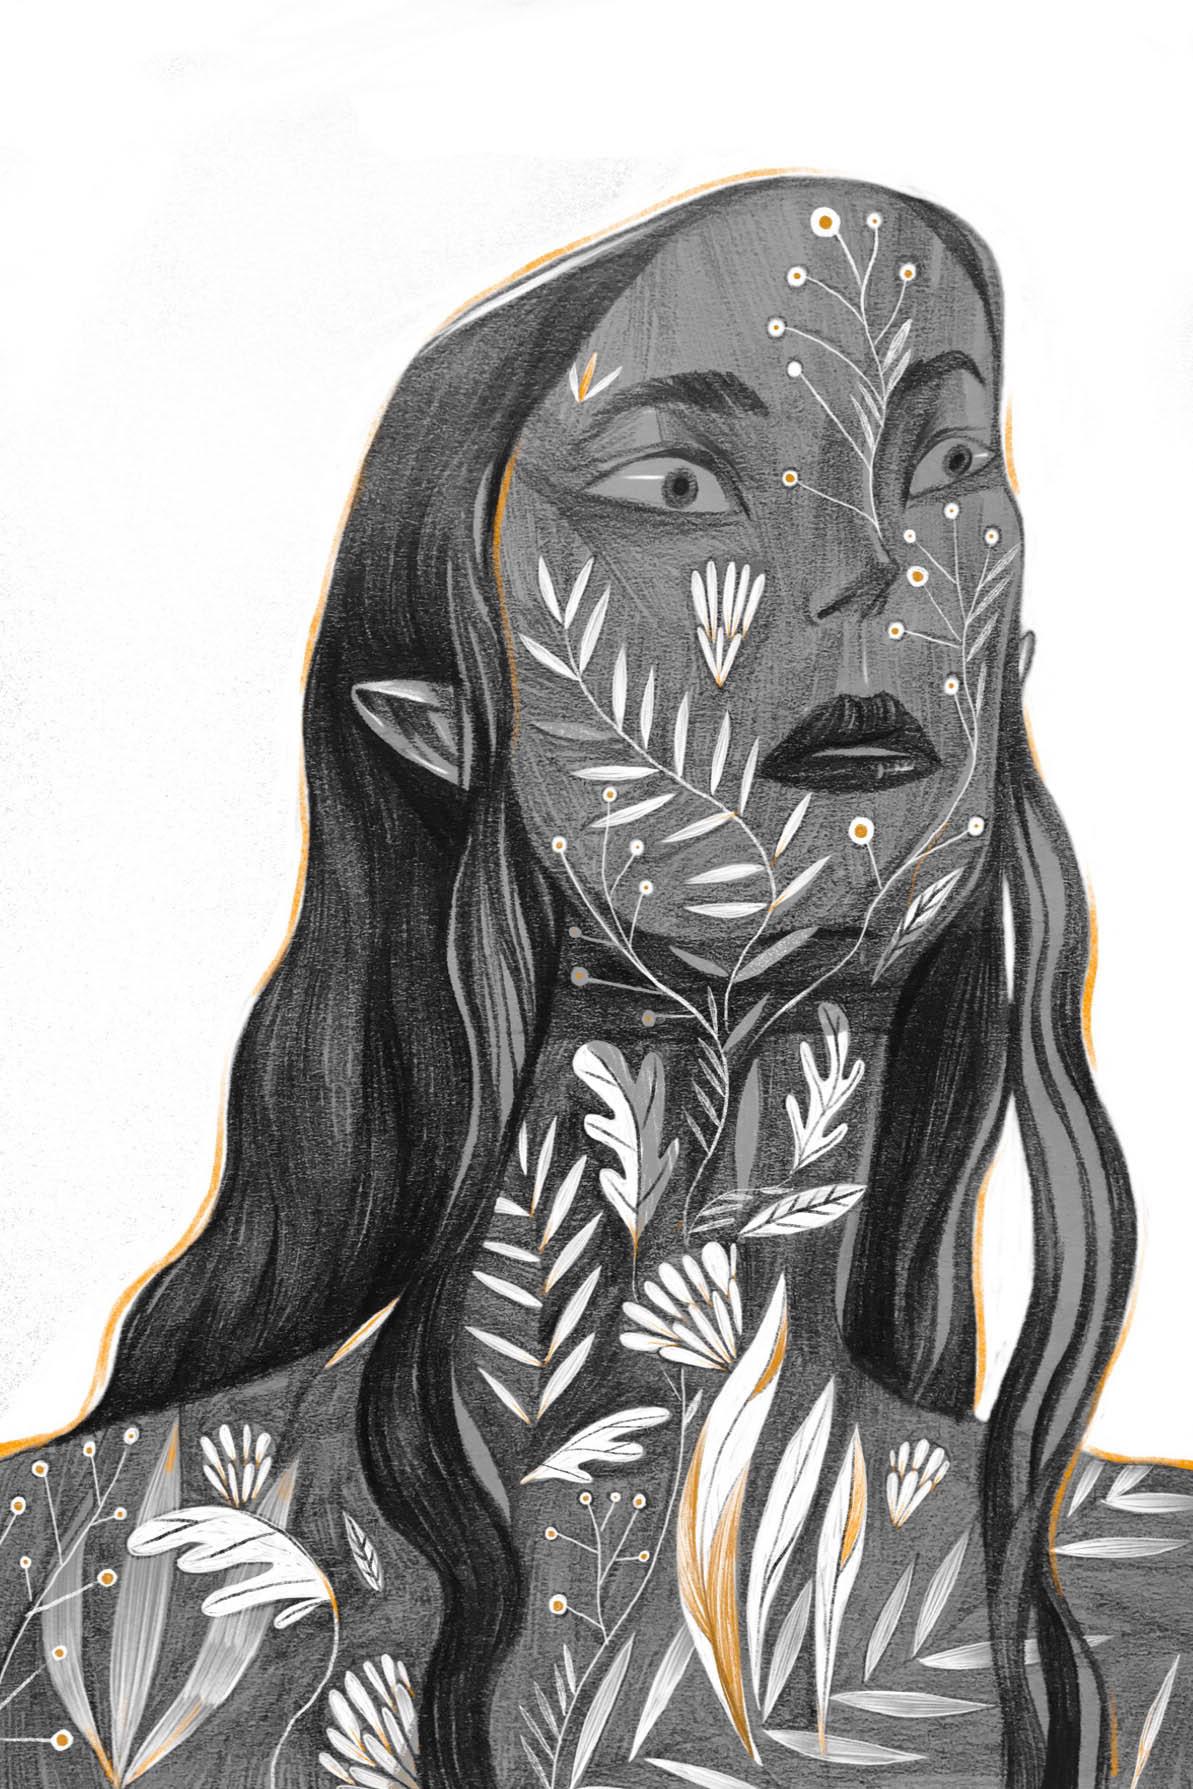 pencil drawing woman nature by zhong niao